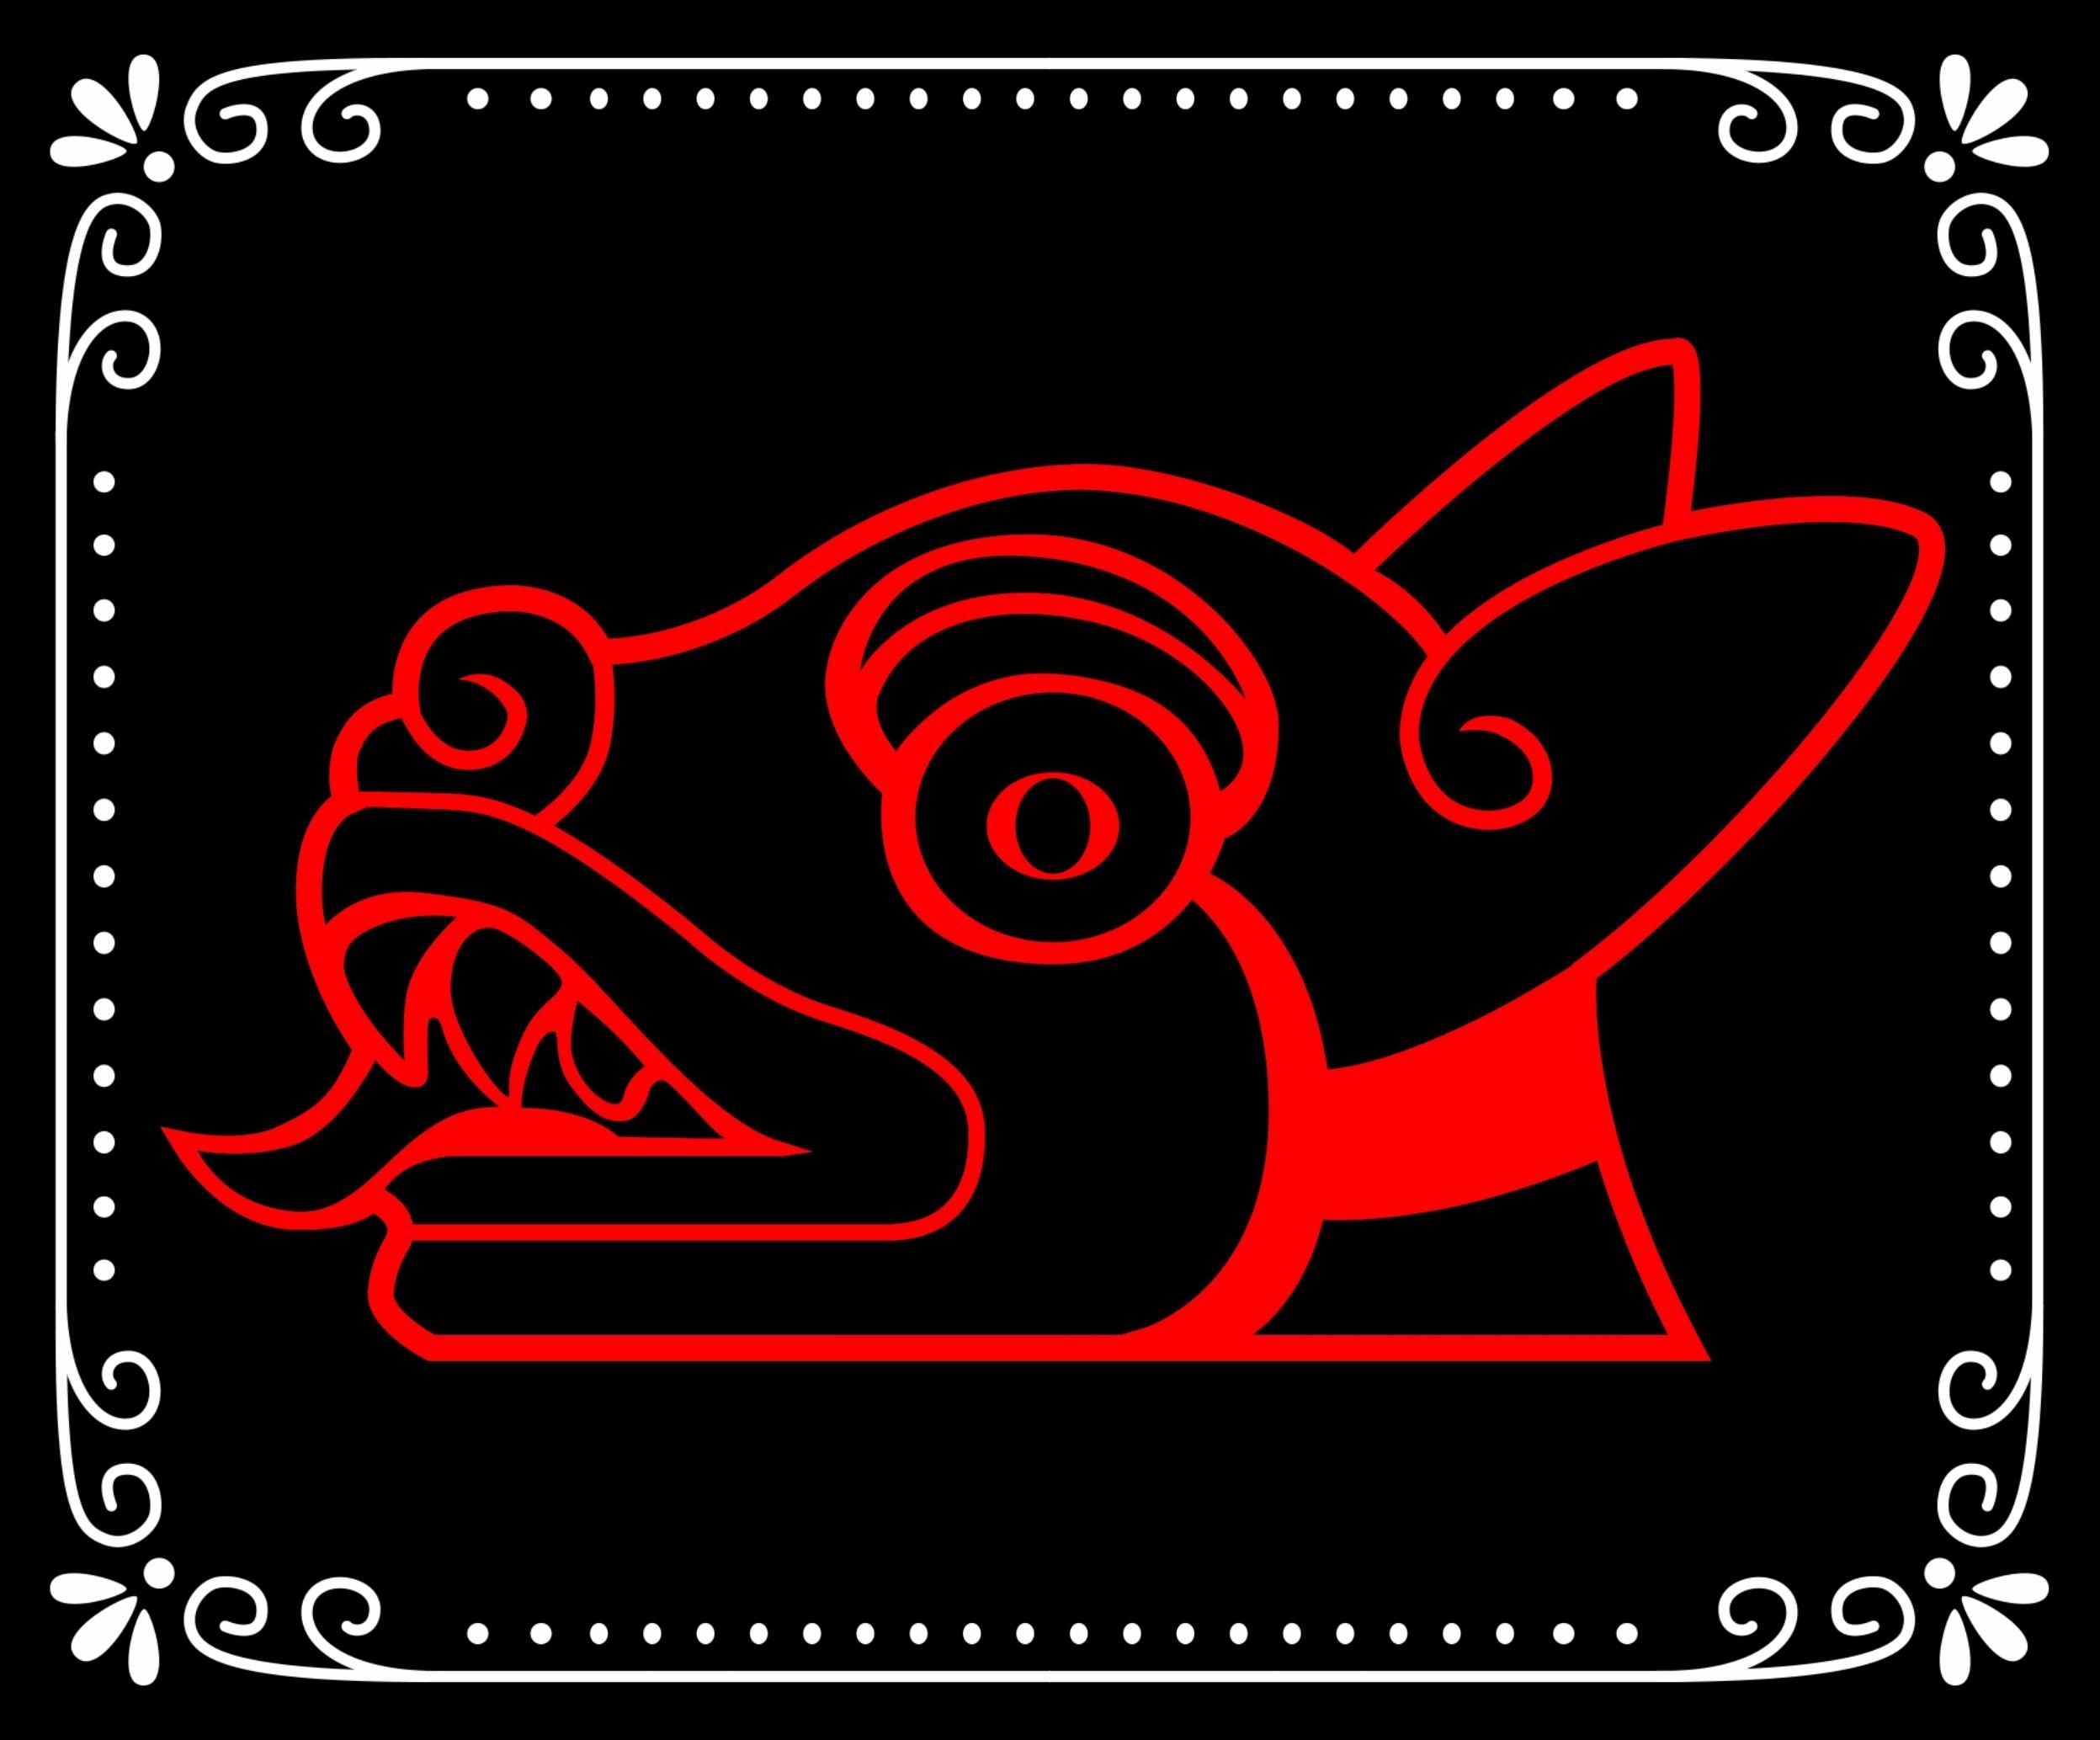 HazelHead_Red_on_Black.jpg